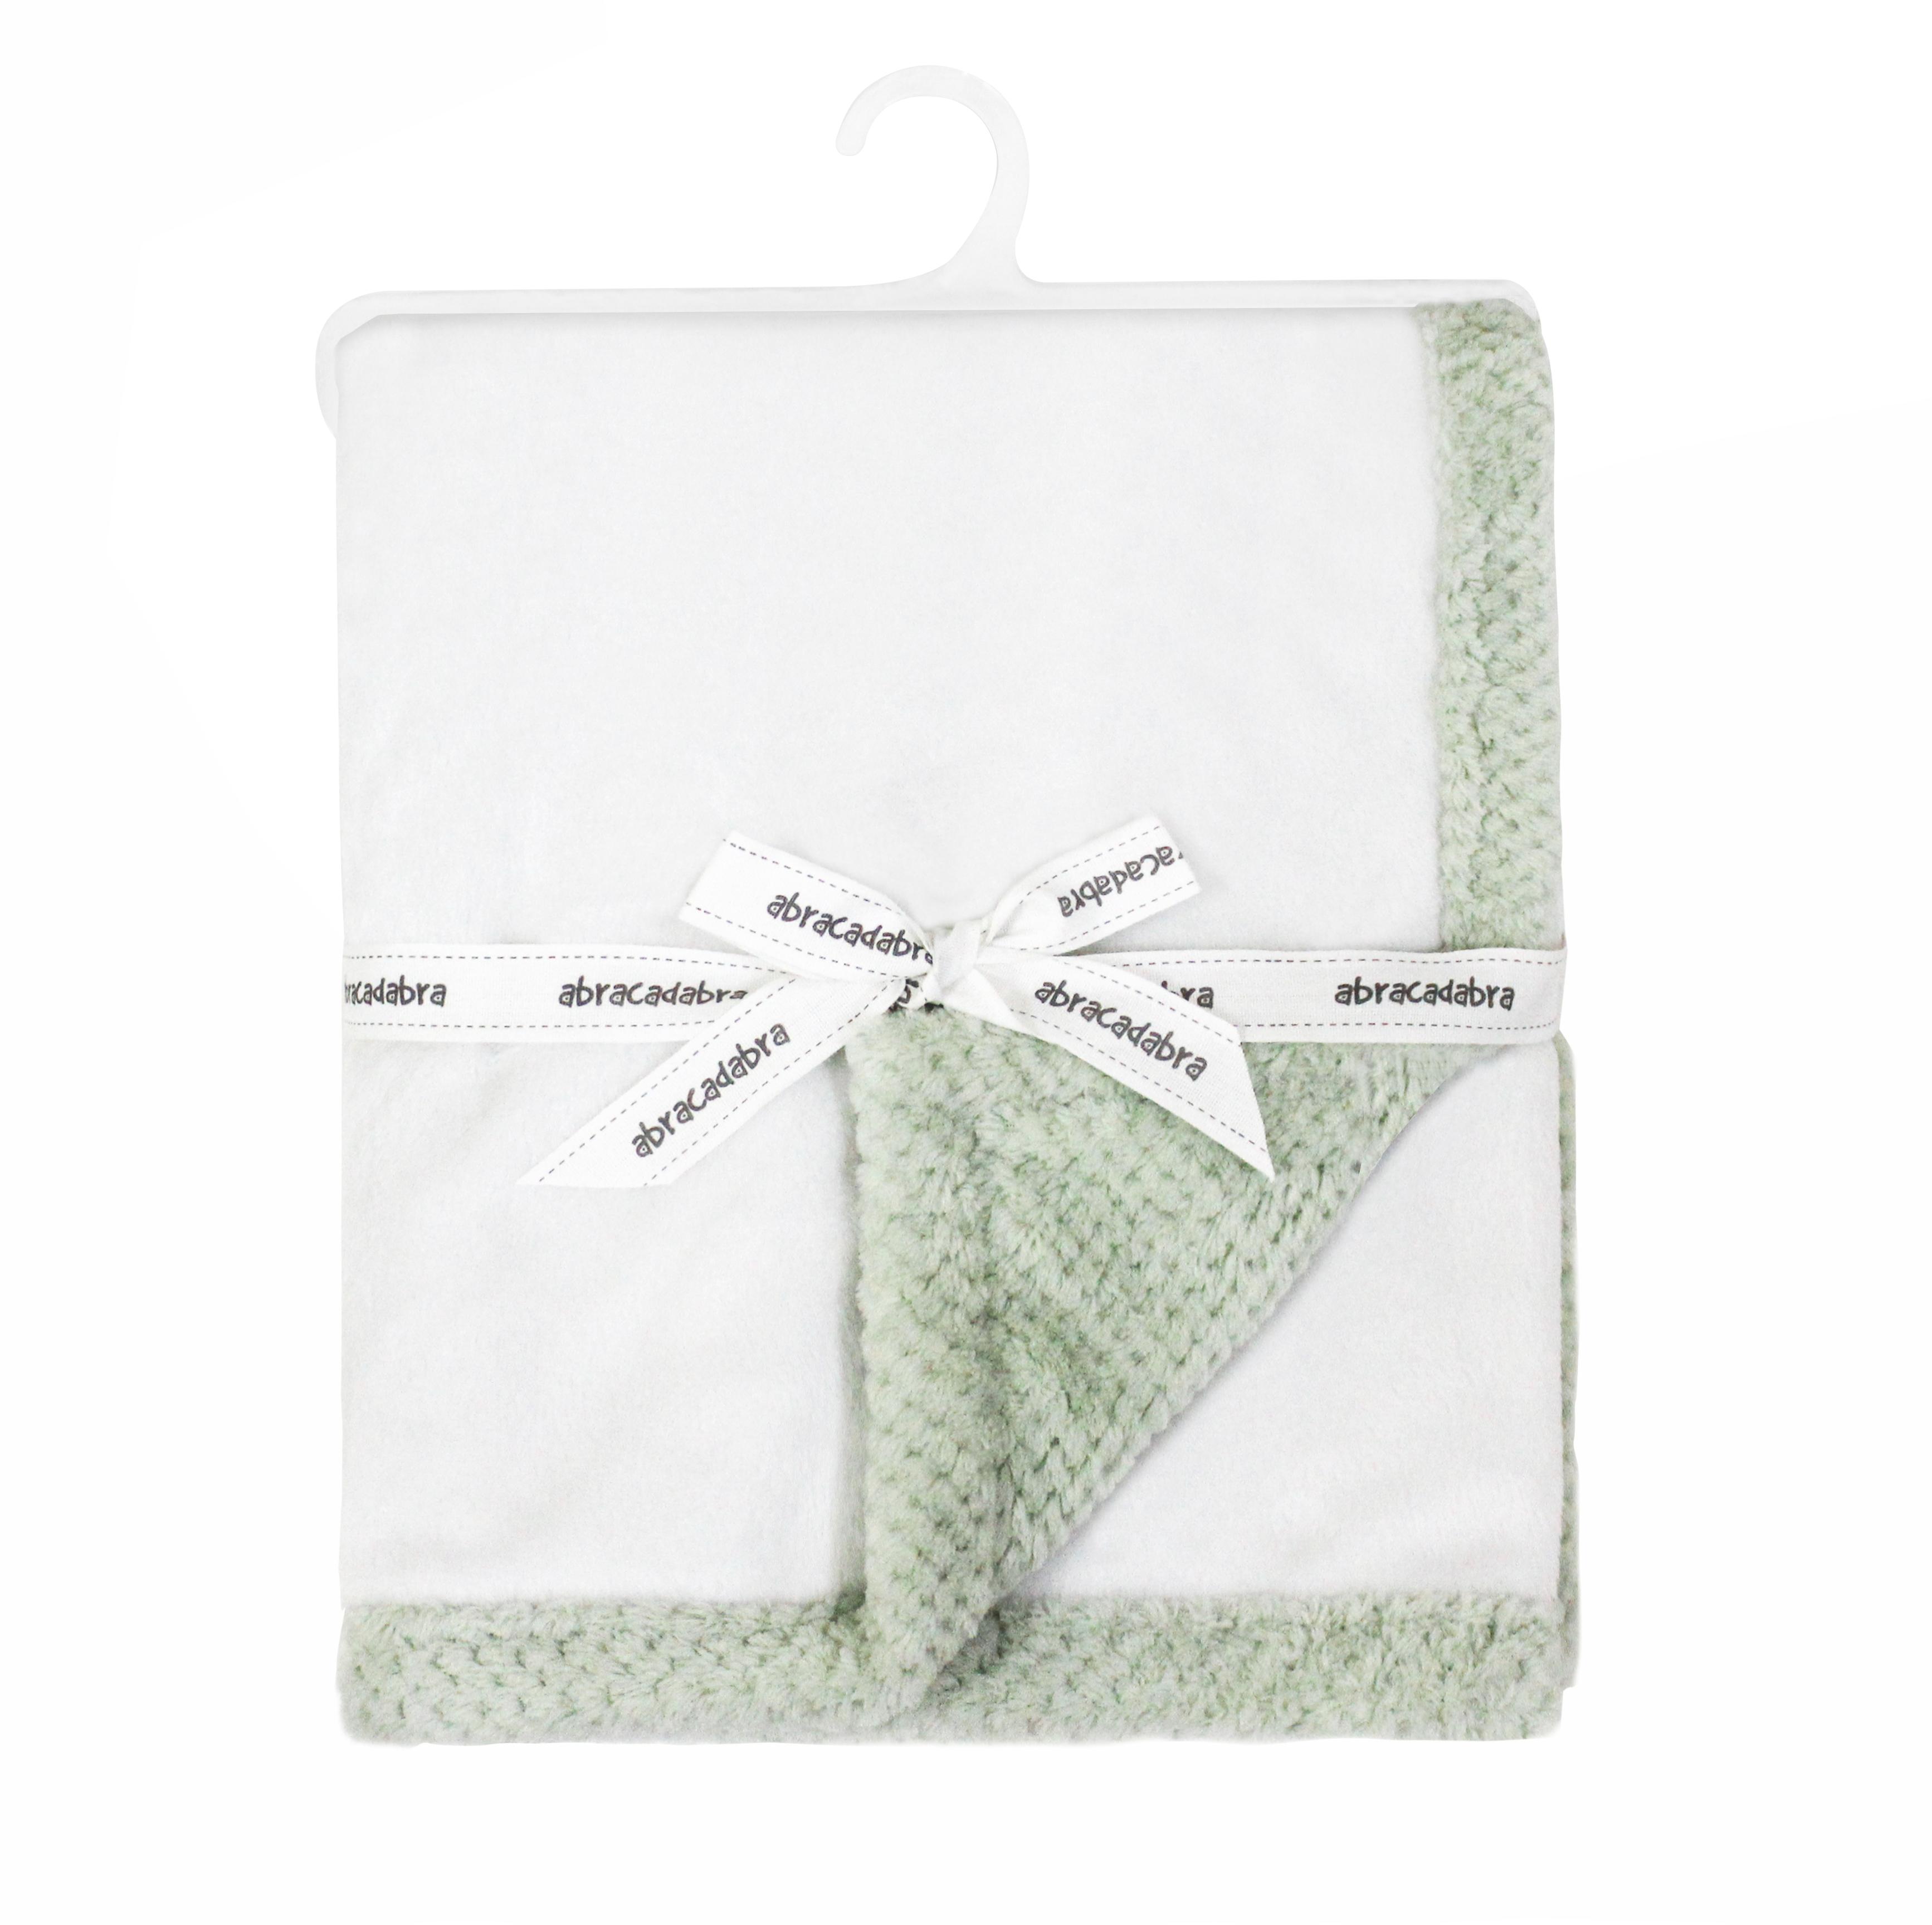 Mothercare | Abracadabra Stroller Blanket - White